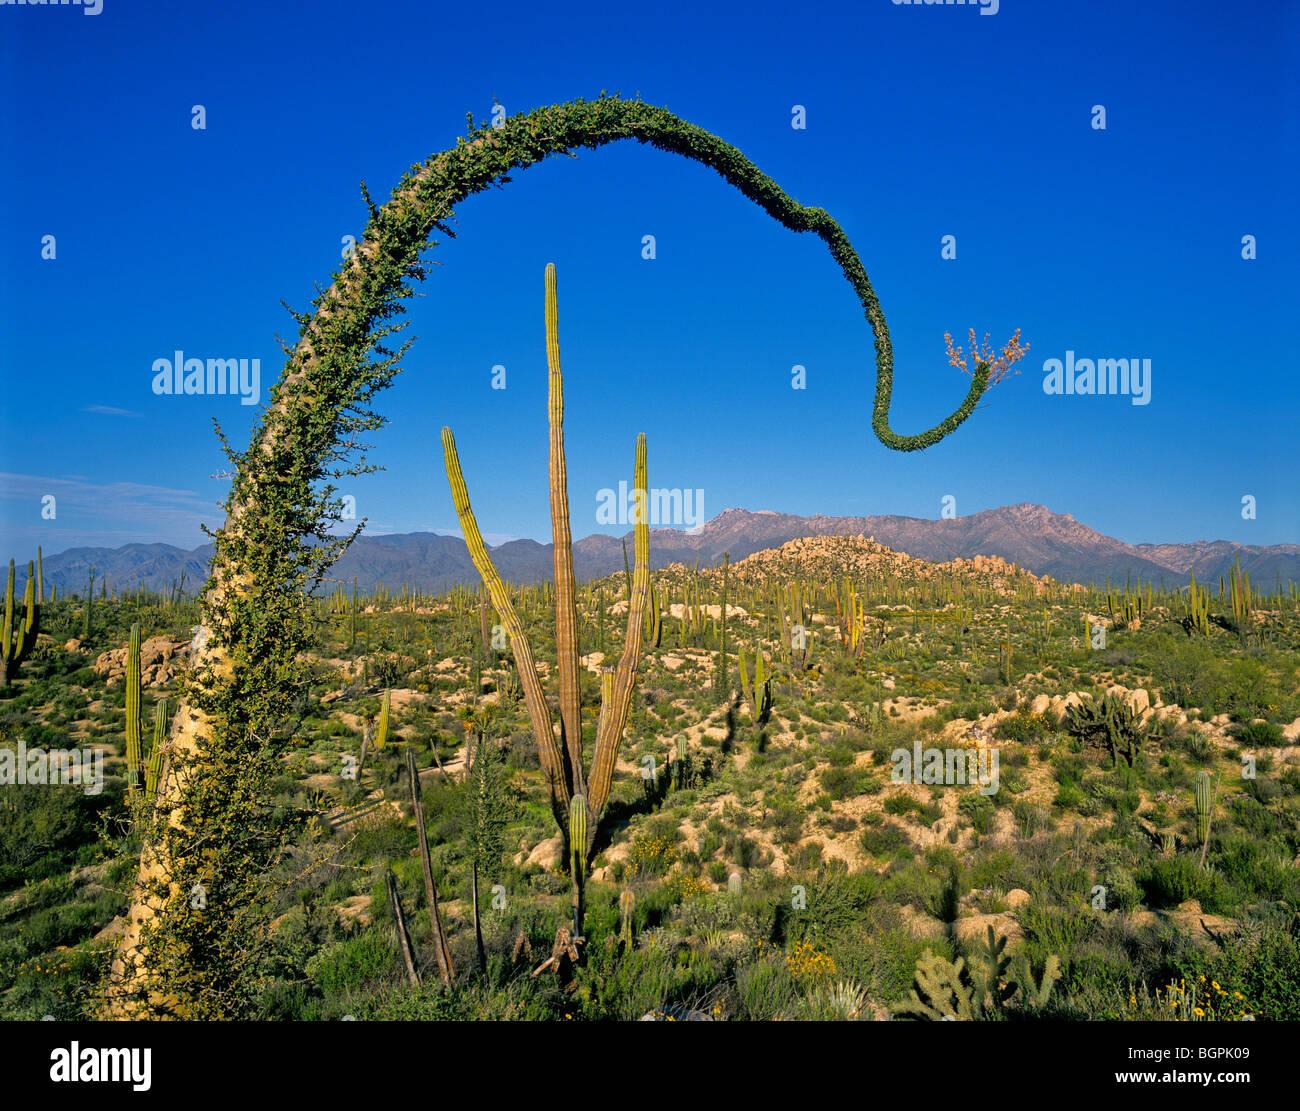 Boojum trees, granite rocks Scientific name: idria columnaris, south of Catavina, Baja California Peninsula, Mexico - Stock Image